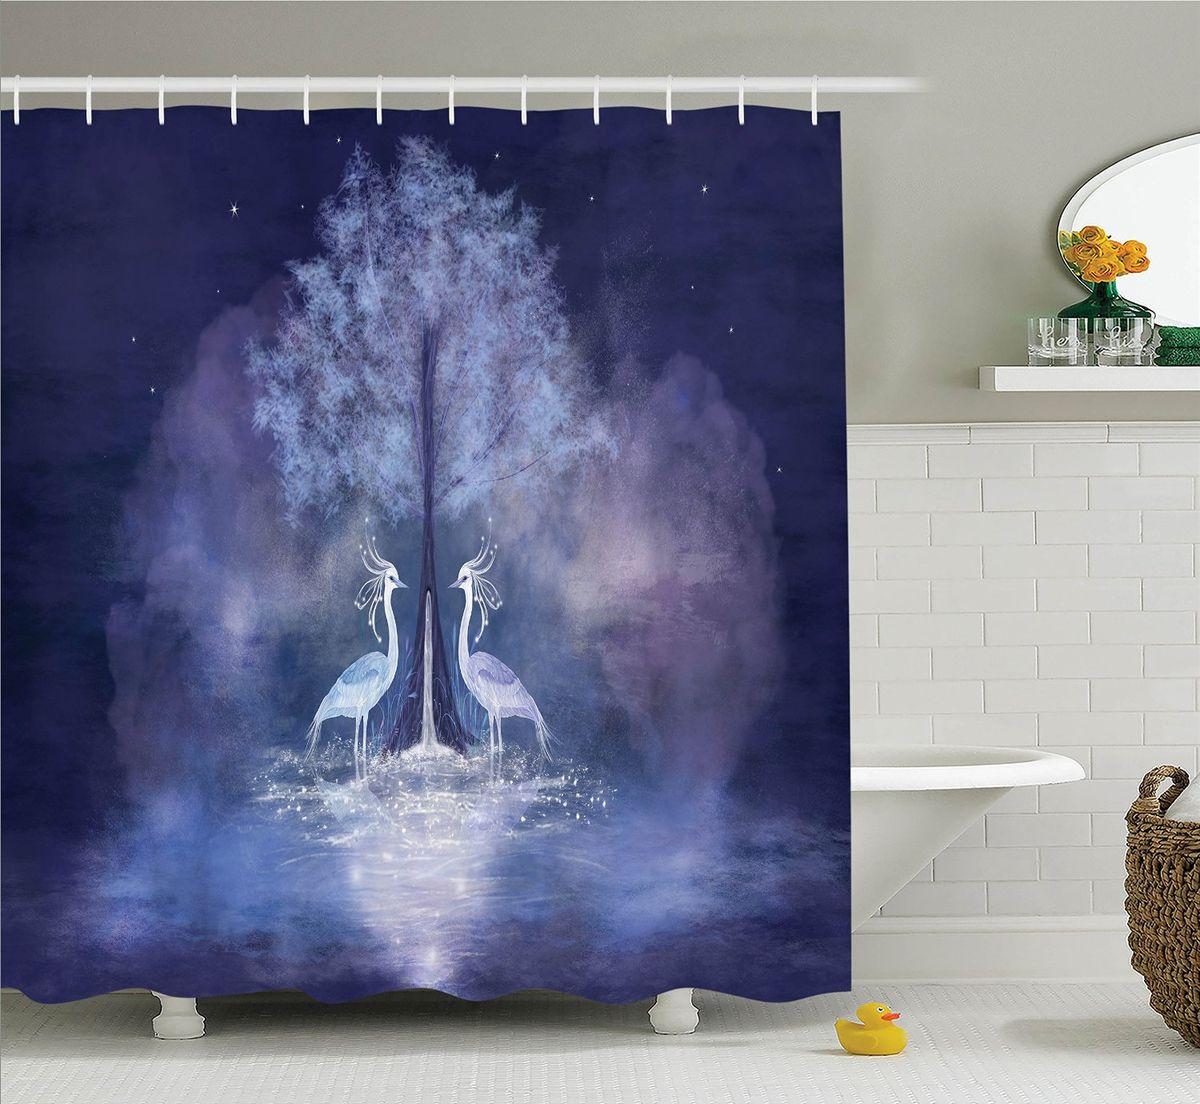 Штора для ванной комнаты Magic Lady Волшебные птицы, 180 х 200 см270007240Штора Magic Lady Волшебные птицы, изготовленная из высококачественного сатена (полиэстер 100%), отлично дополнит любой интерьер ванной комнаты. При изготовлении используются специальные гипоаллергенные чернила для прямой печати по ткани, безопасные для человека.В комплекте: 1 штора, 12 крючков. Обращаем ваше внимание, фактический цвет изделия может незначительно отличаться от представленного на фото.